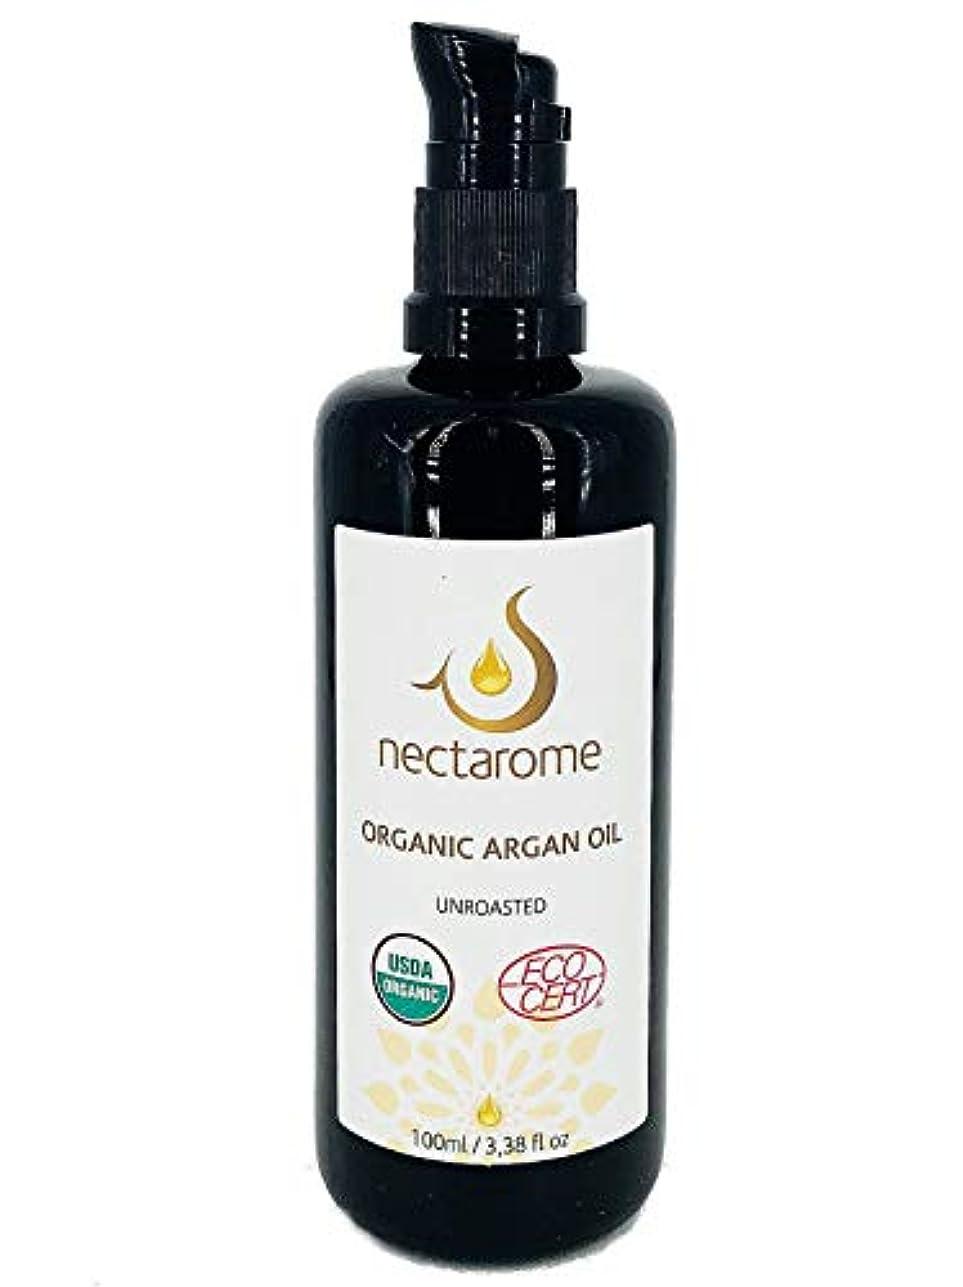 掃く窒息させるコテージ【正規販売店】ネクタローム Nectarome オーガニック?アルガンオイル100% エコサート USDA 認証 (100ml)